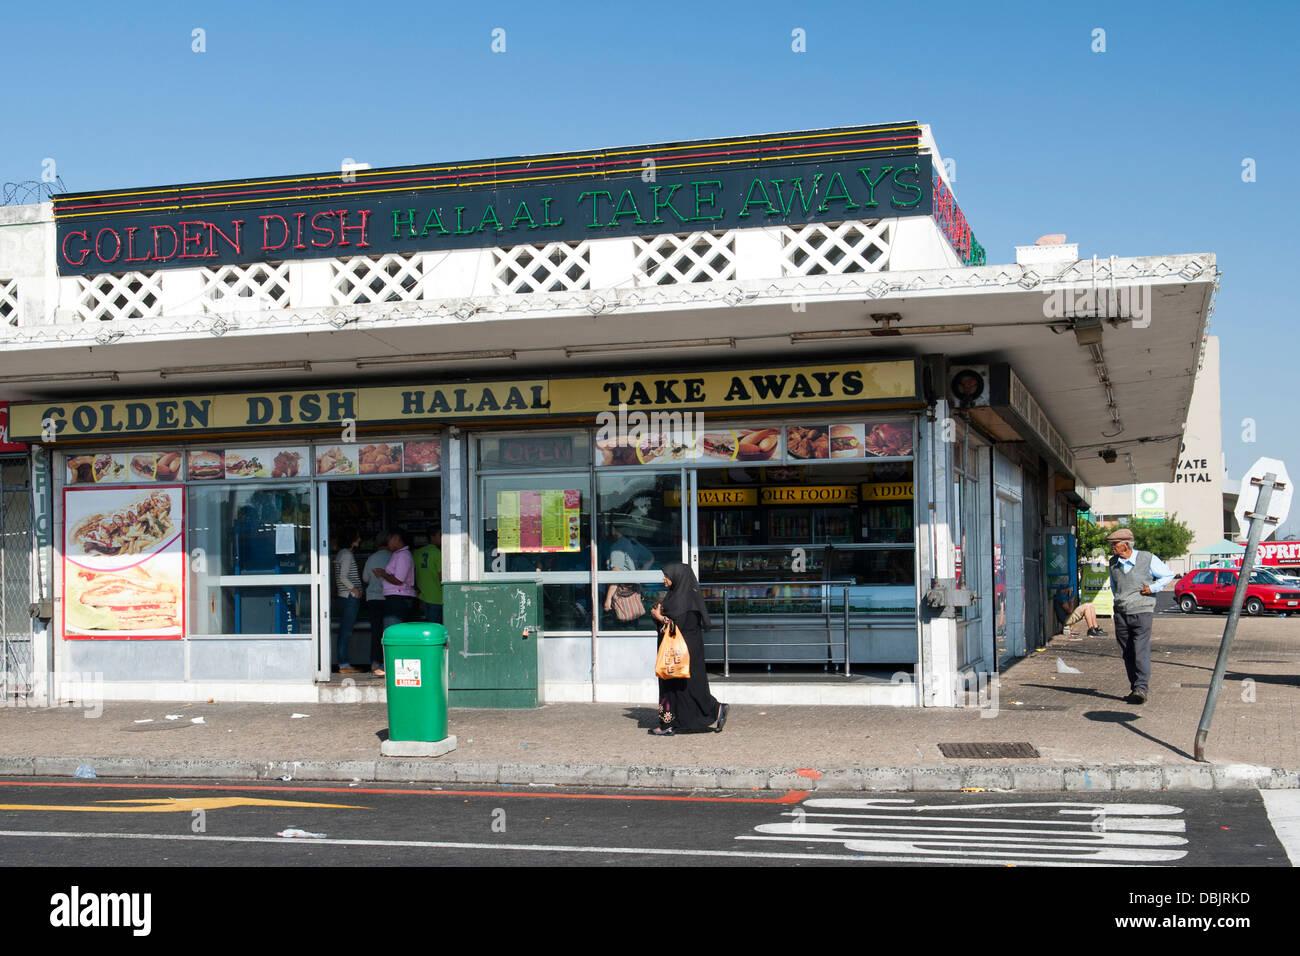 L'extérieur de l'assiette d'or take-away à Athlone, Cape Town, Afrique du Sud. Photo Stock